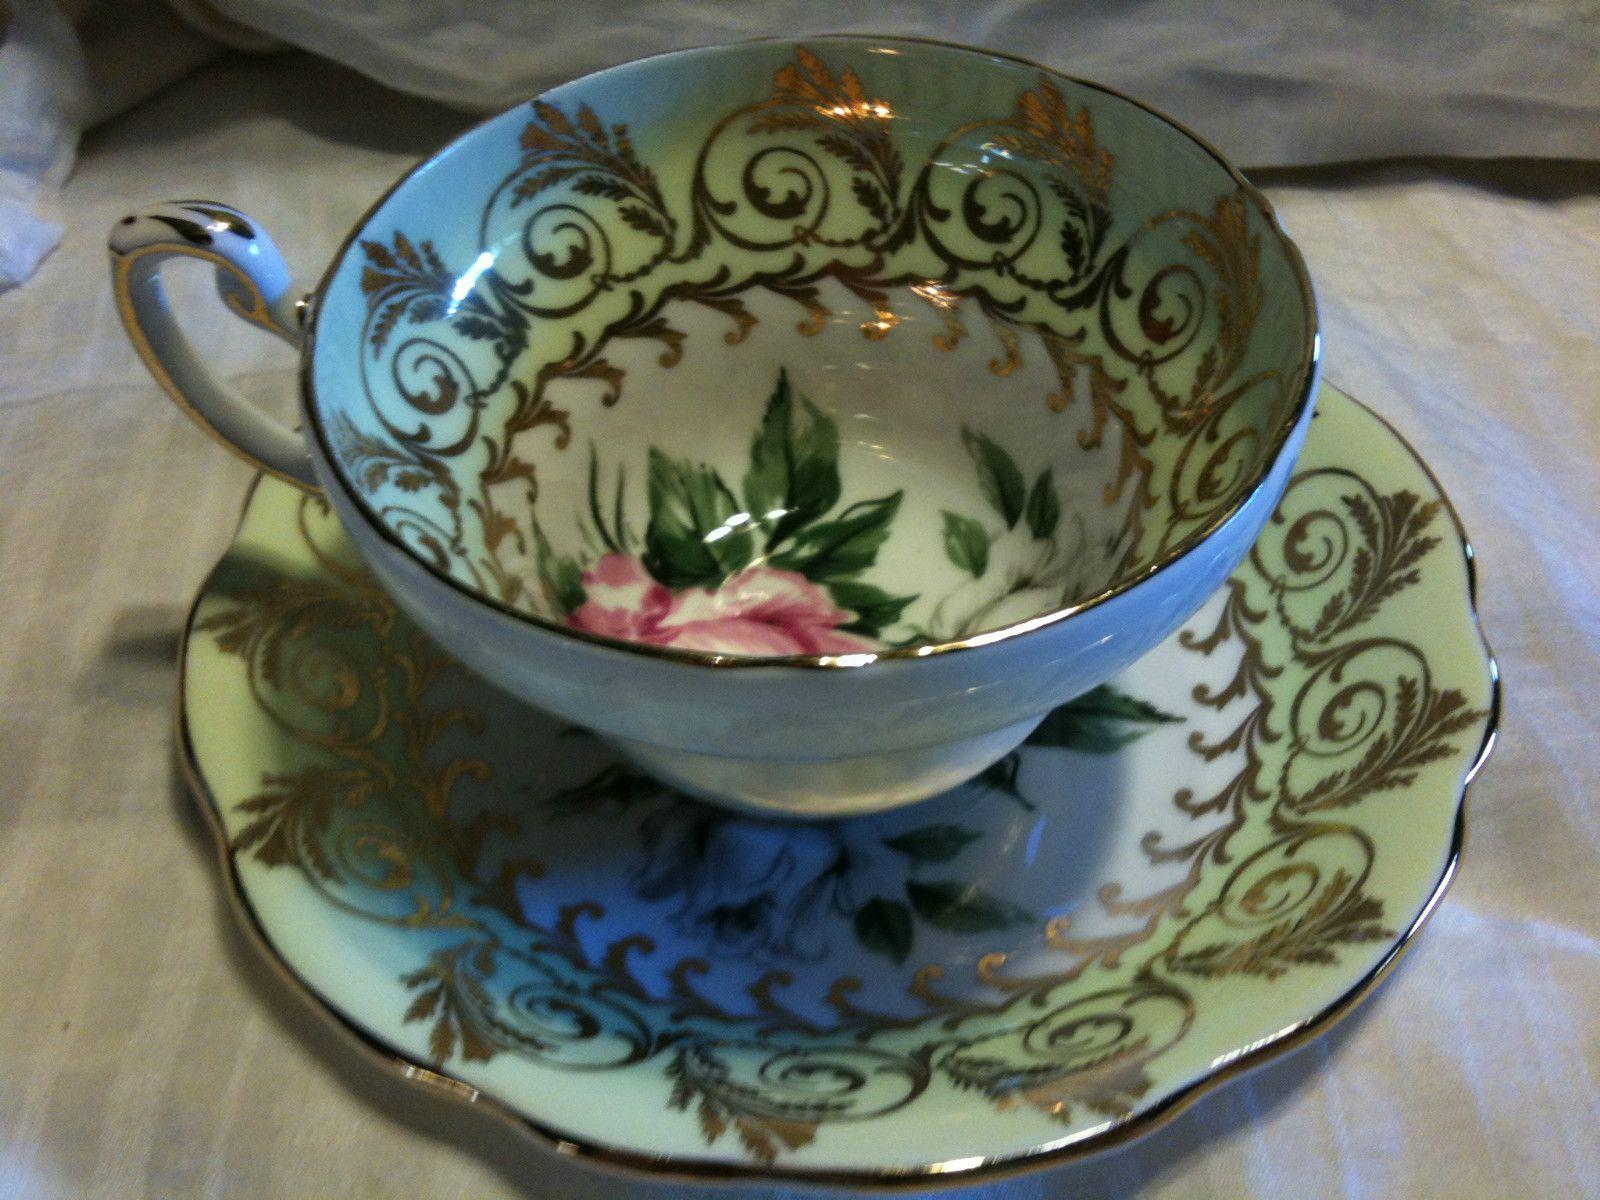 foley vintage fine bone china tea cup saucer on ebay porzelan u gif 39 s pinterest. Black Bedroom Furniture Sets. Home Design Ideas